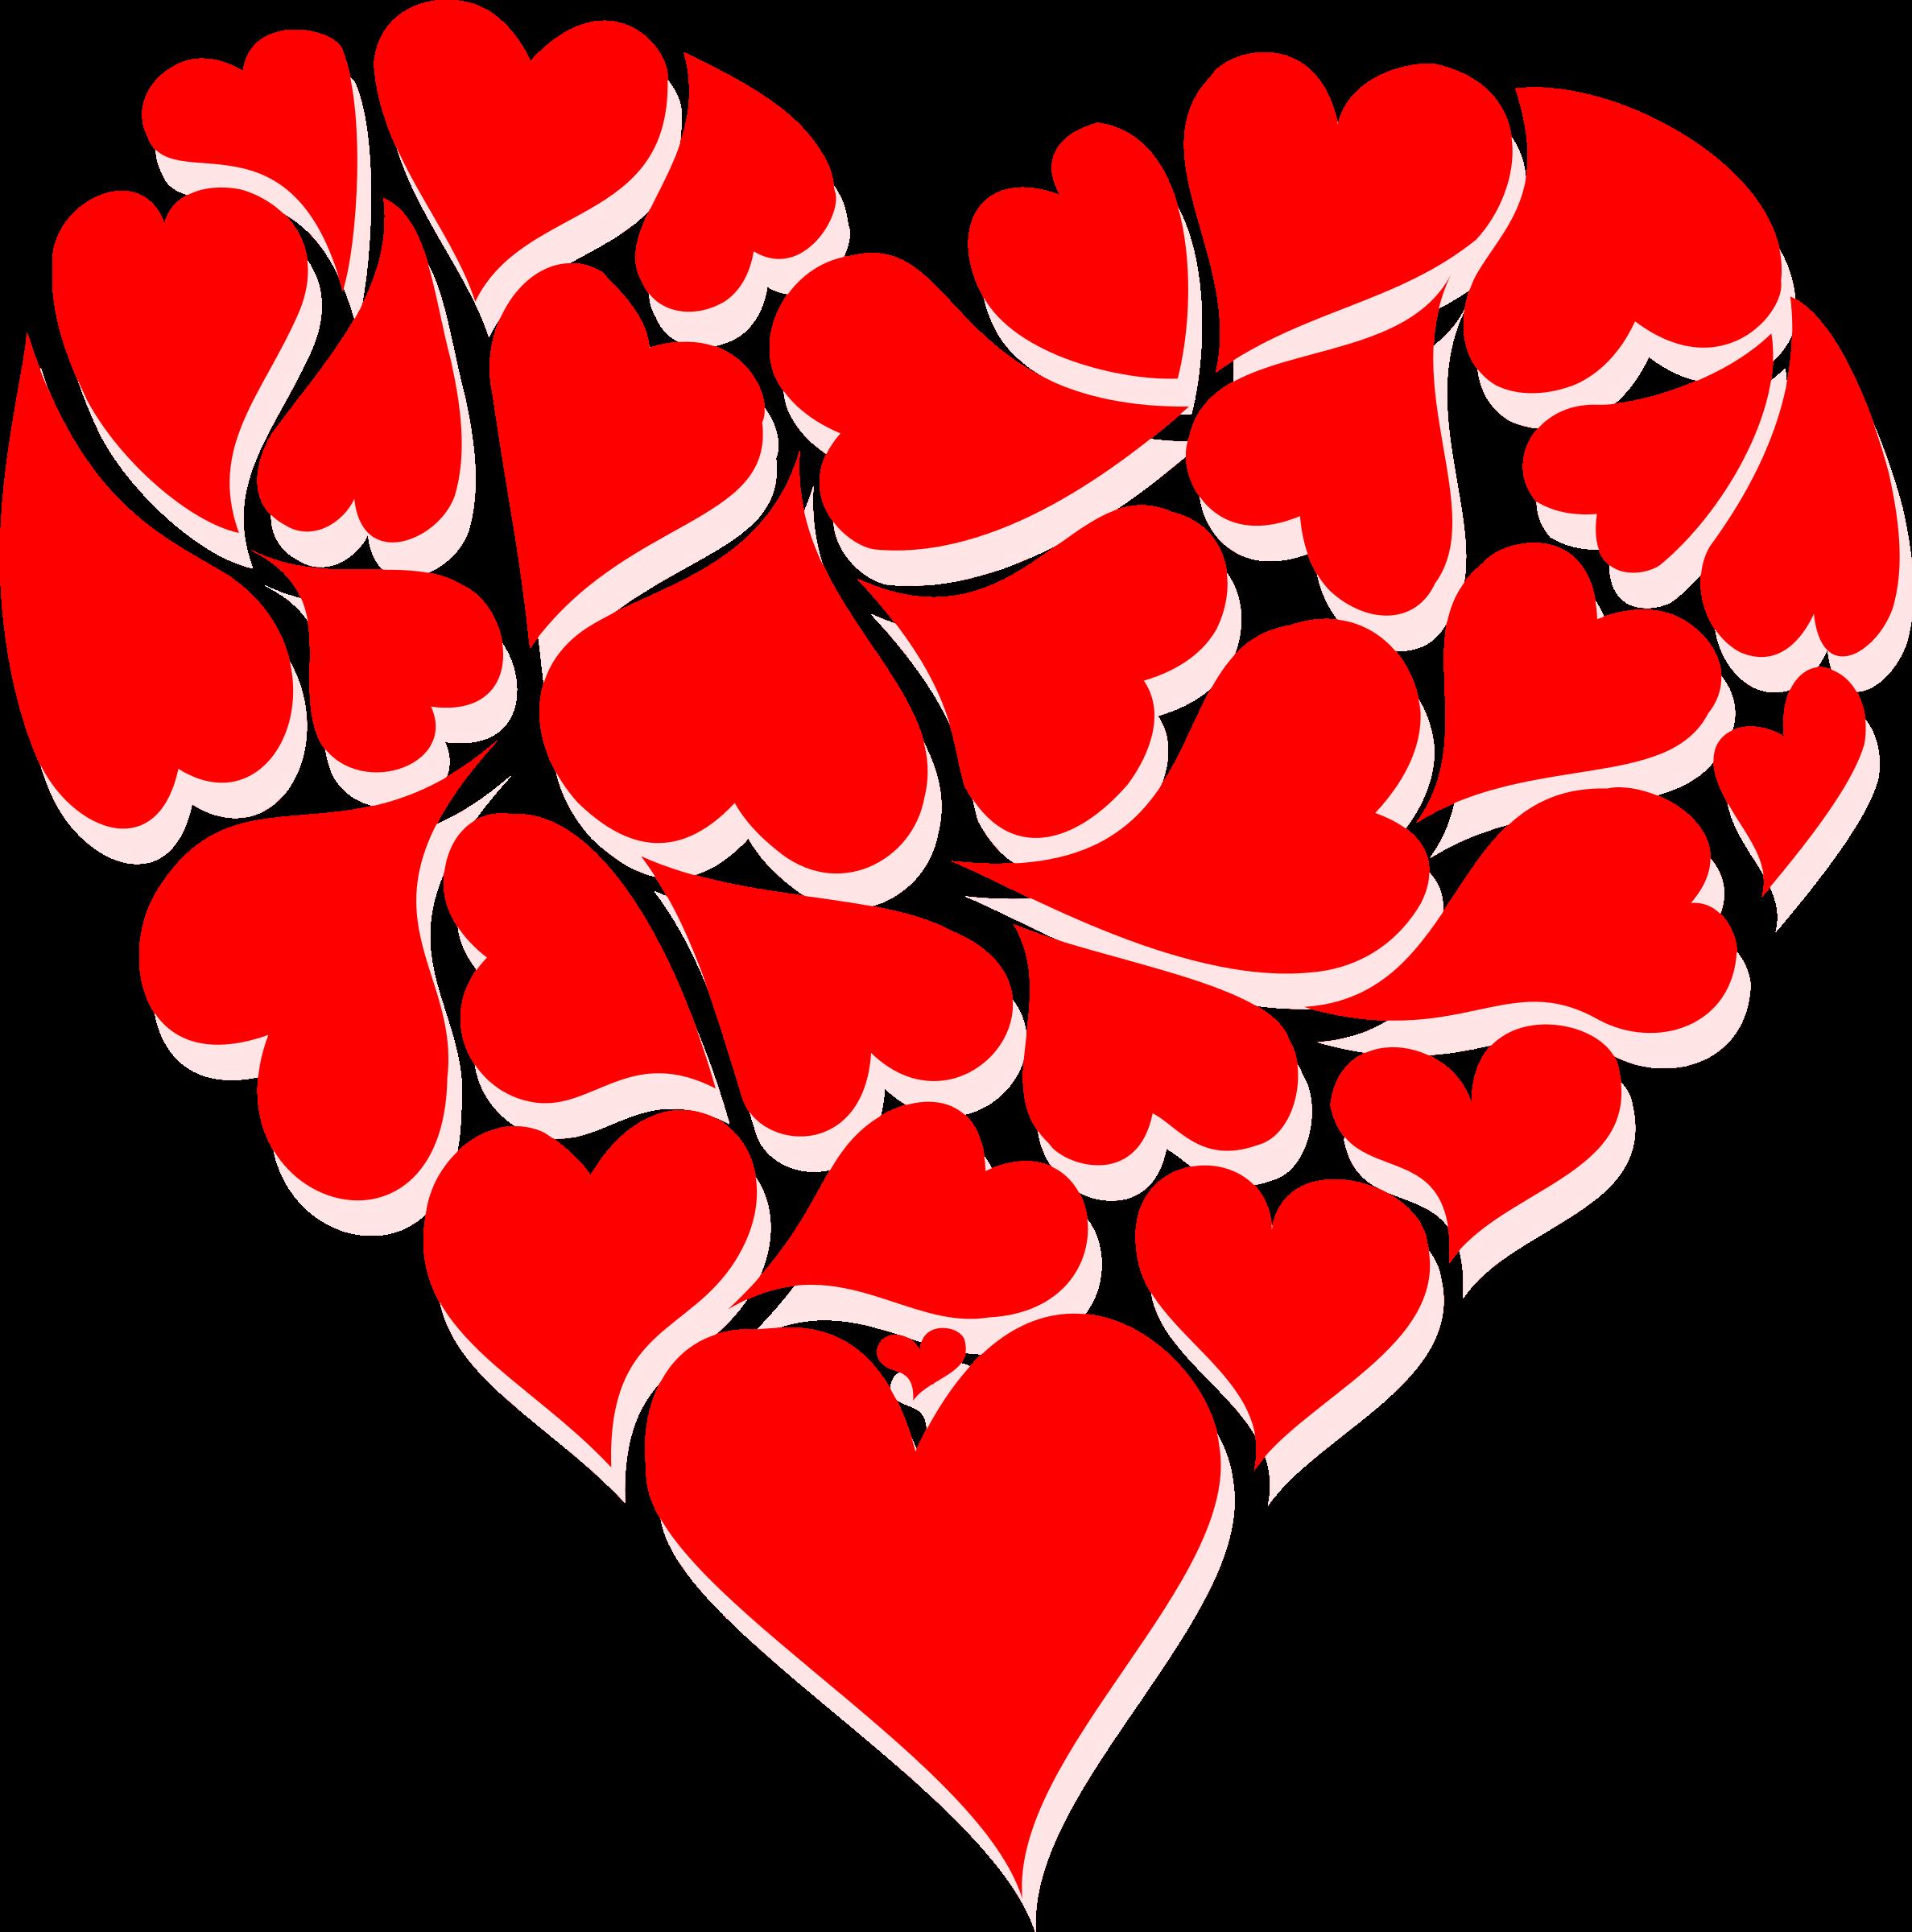 Garland clipart valentines. Big valentine day heart